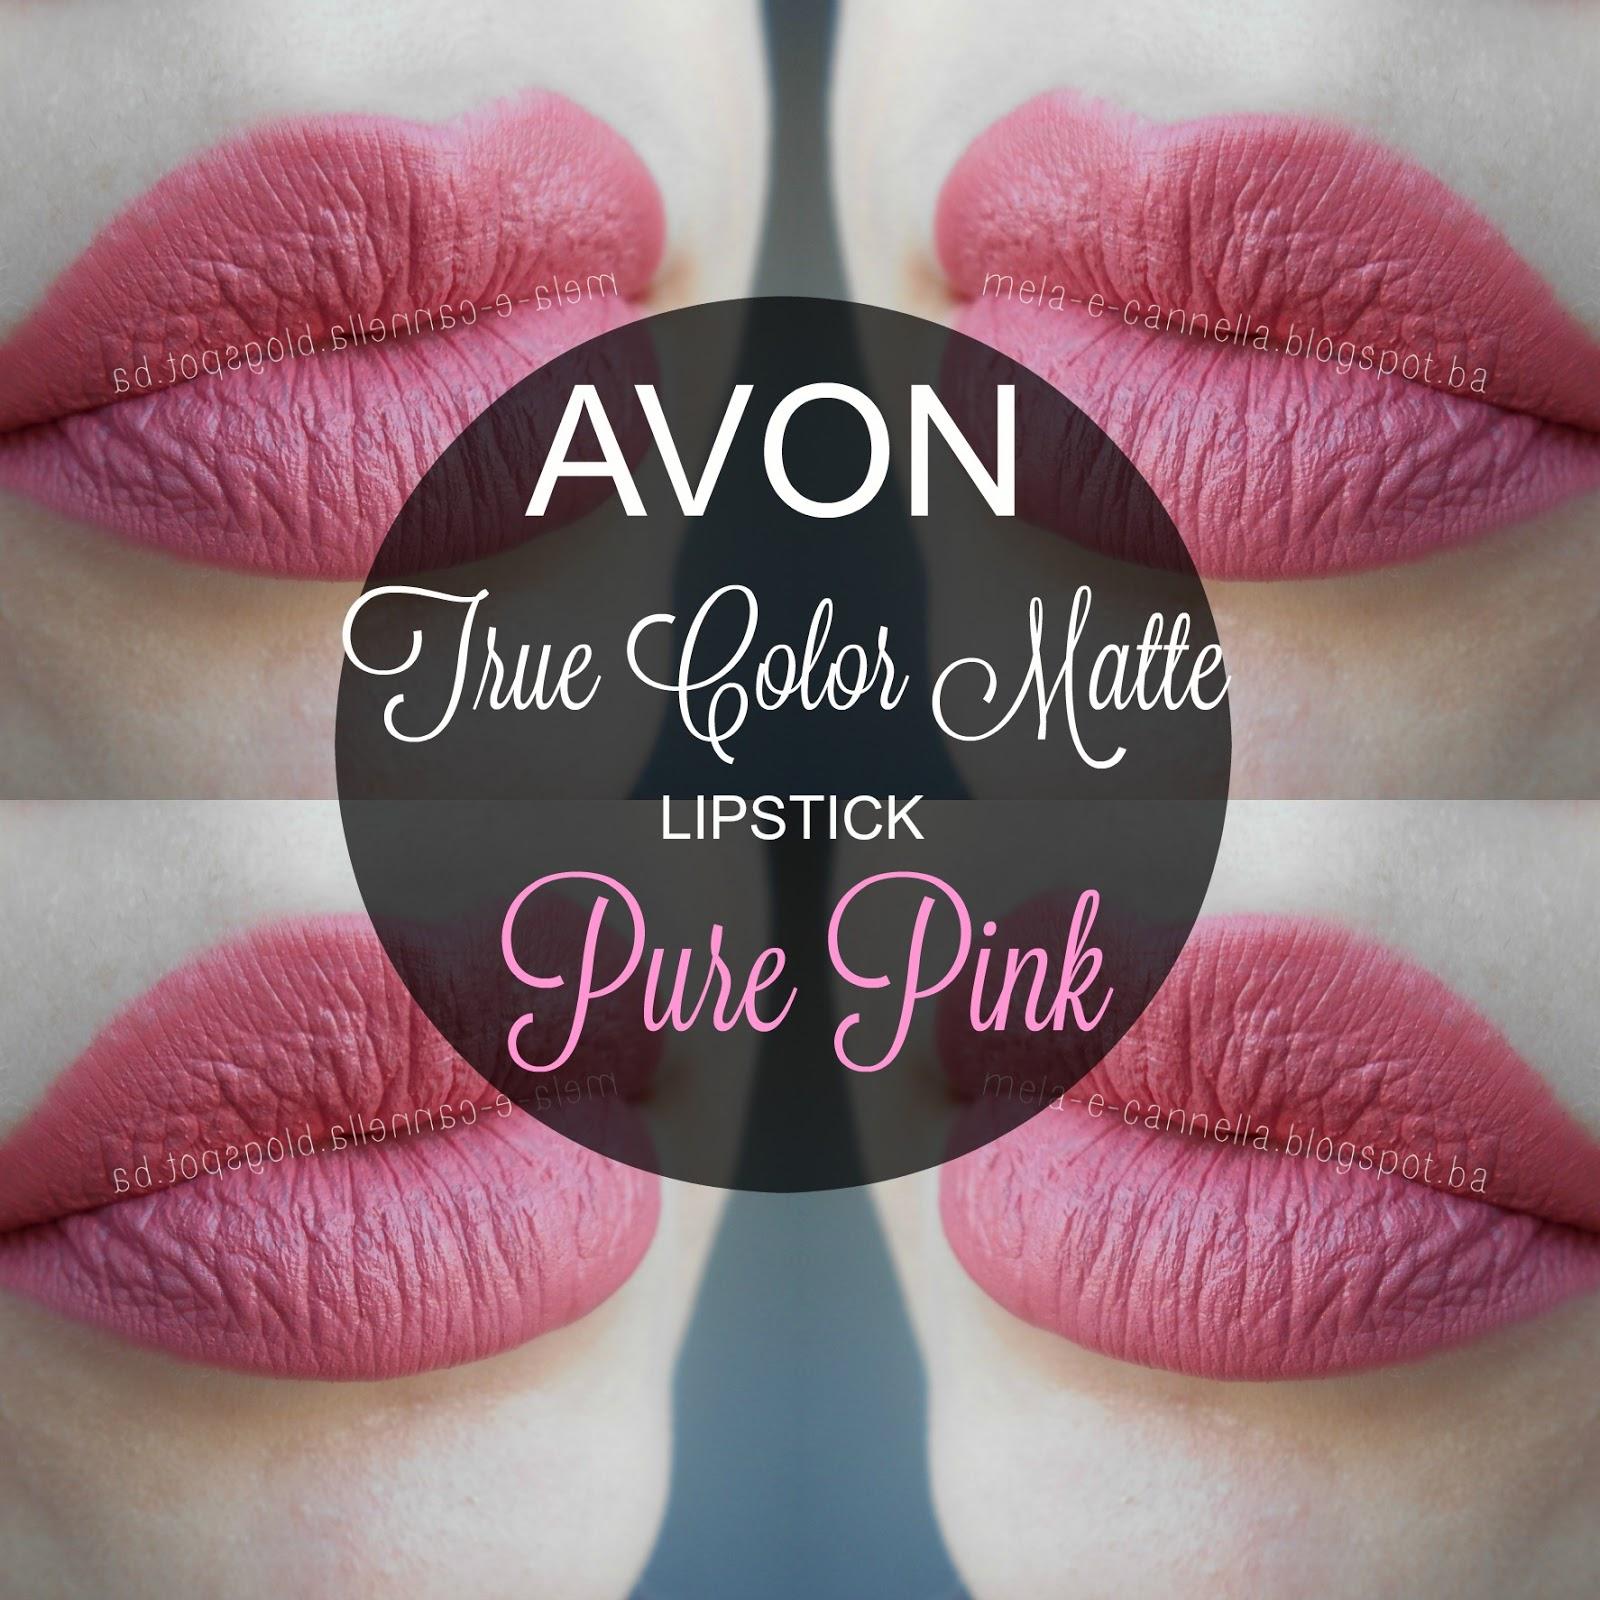 Avon True Colour Chic Lipstick